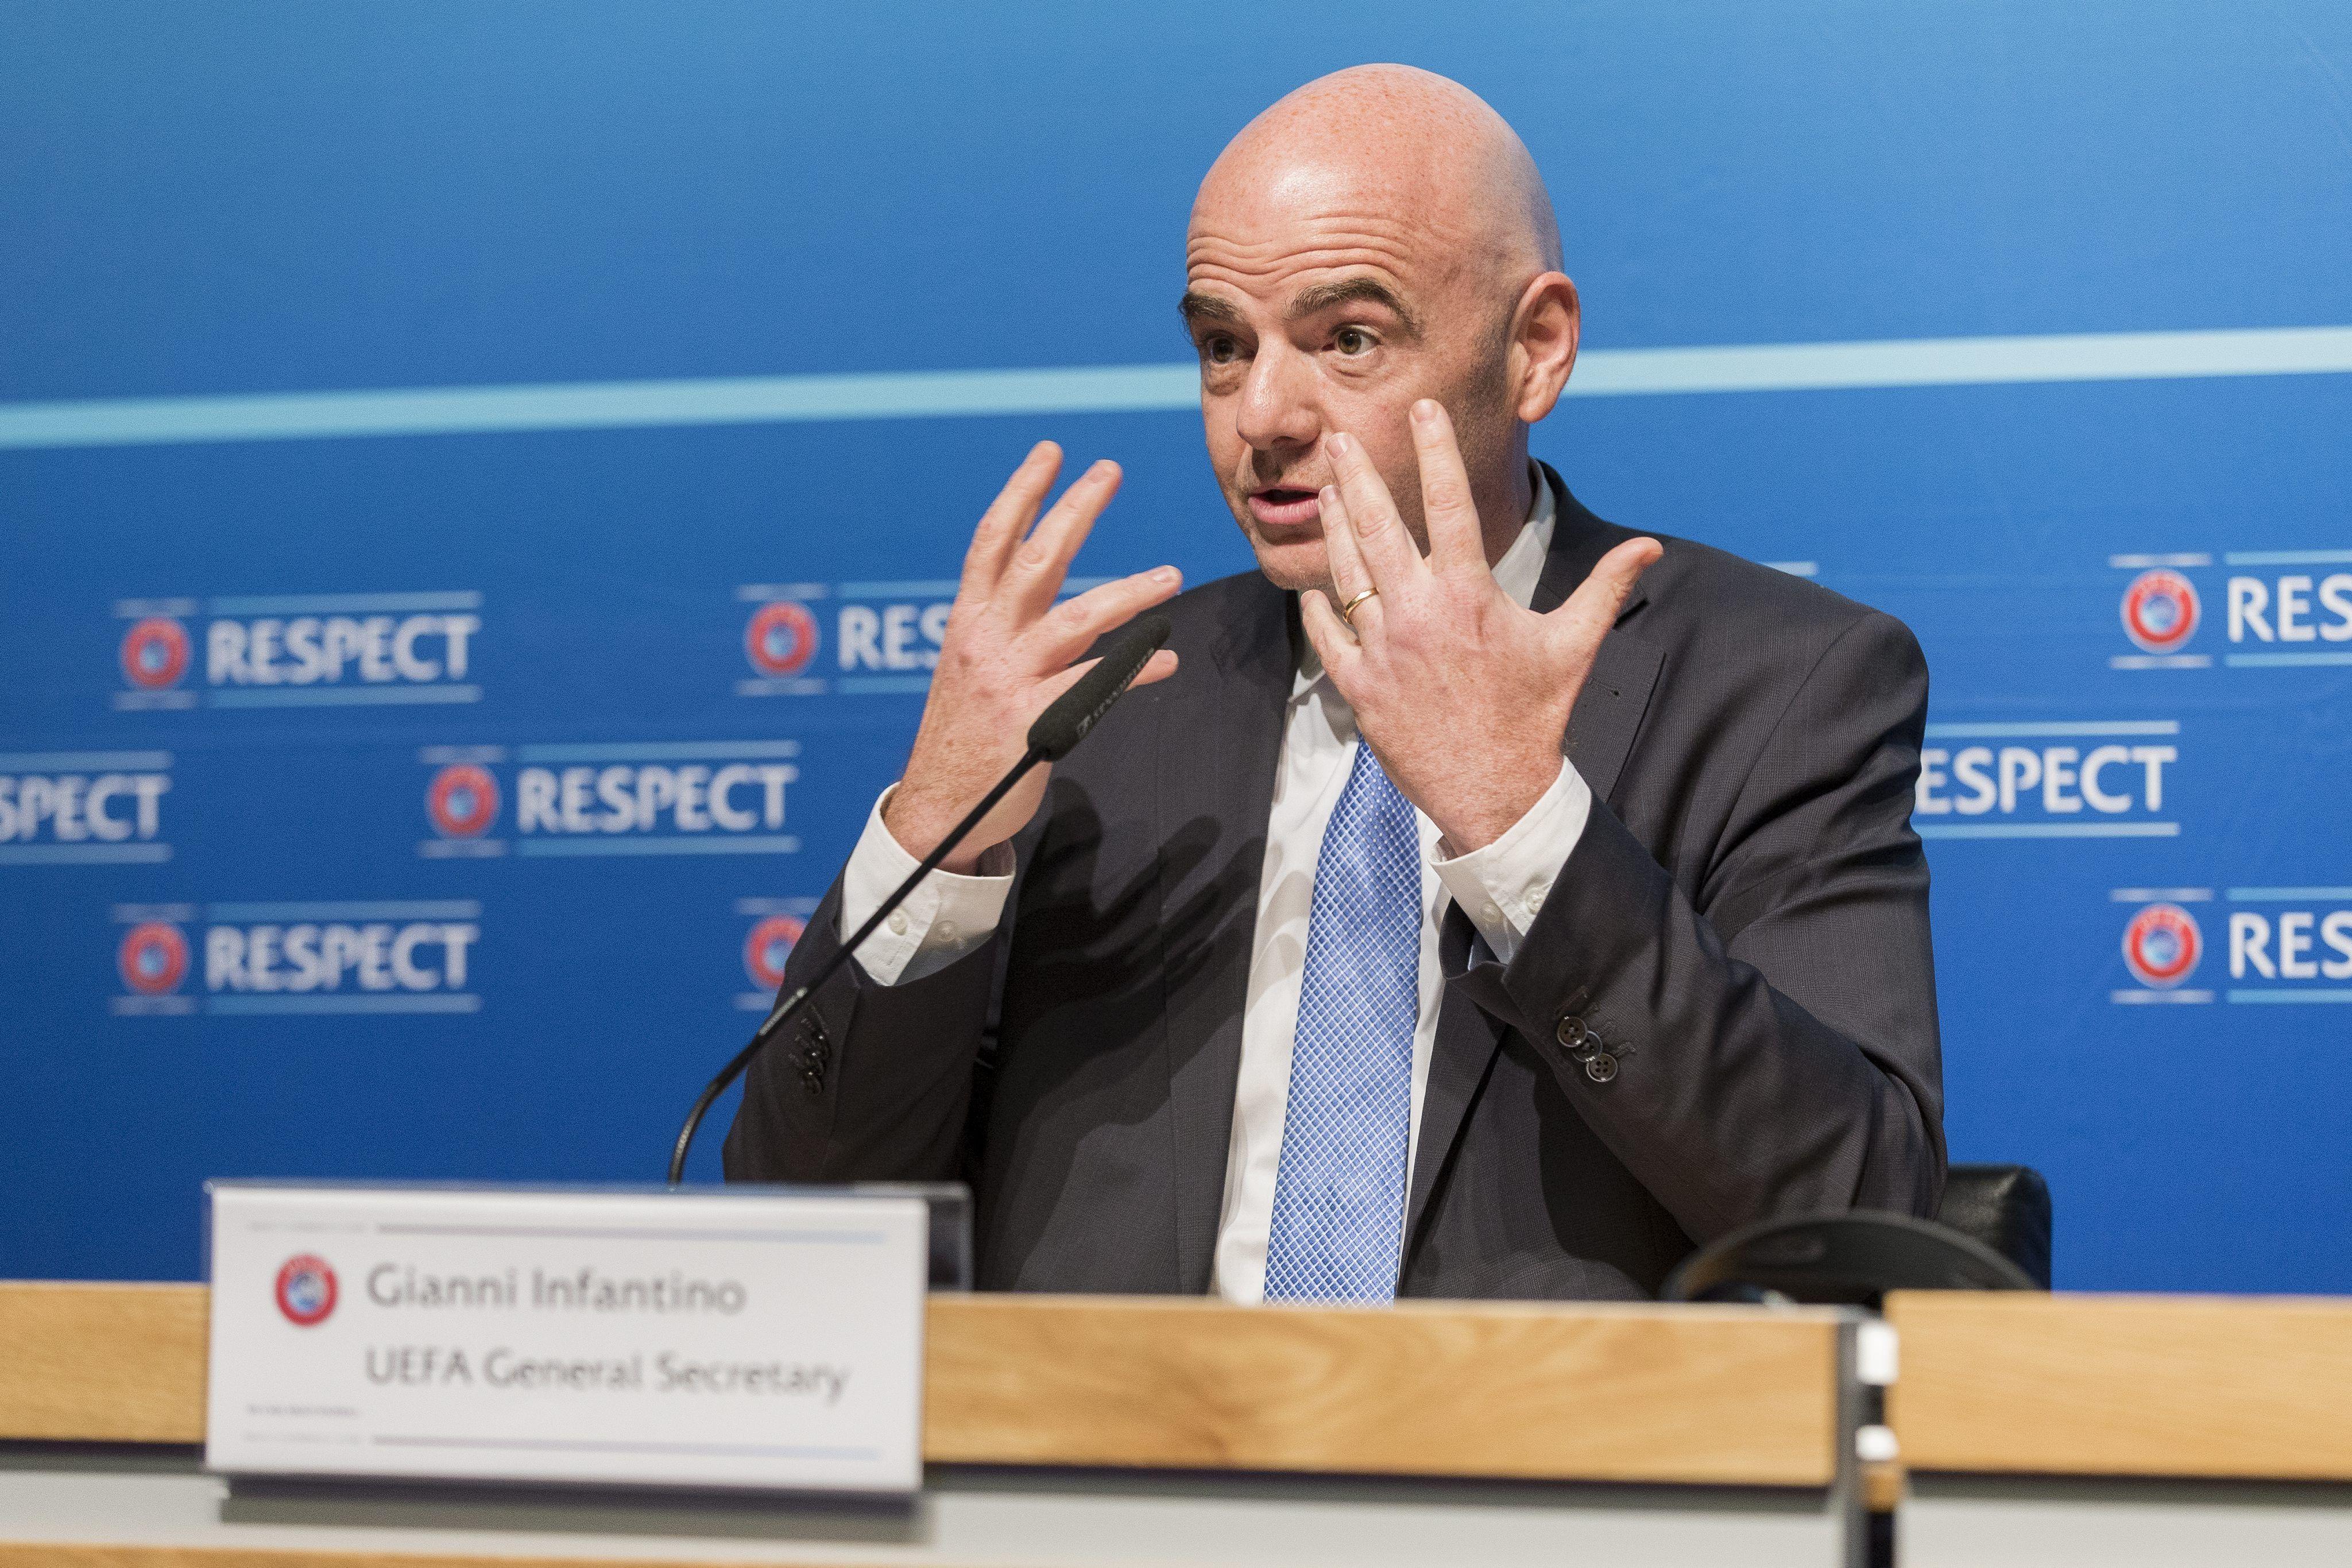 ¿Quién es Gianni Infantino, el nuevo presidente elegido en la FIFA?